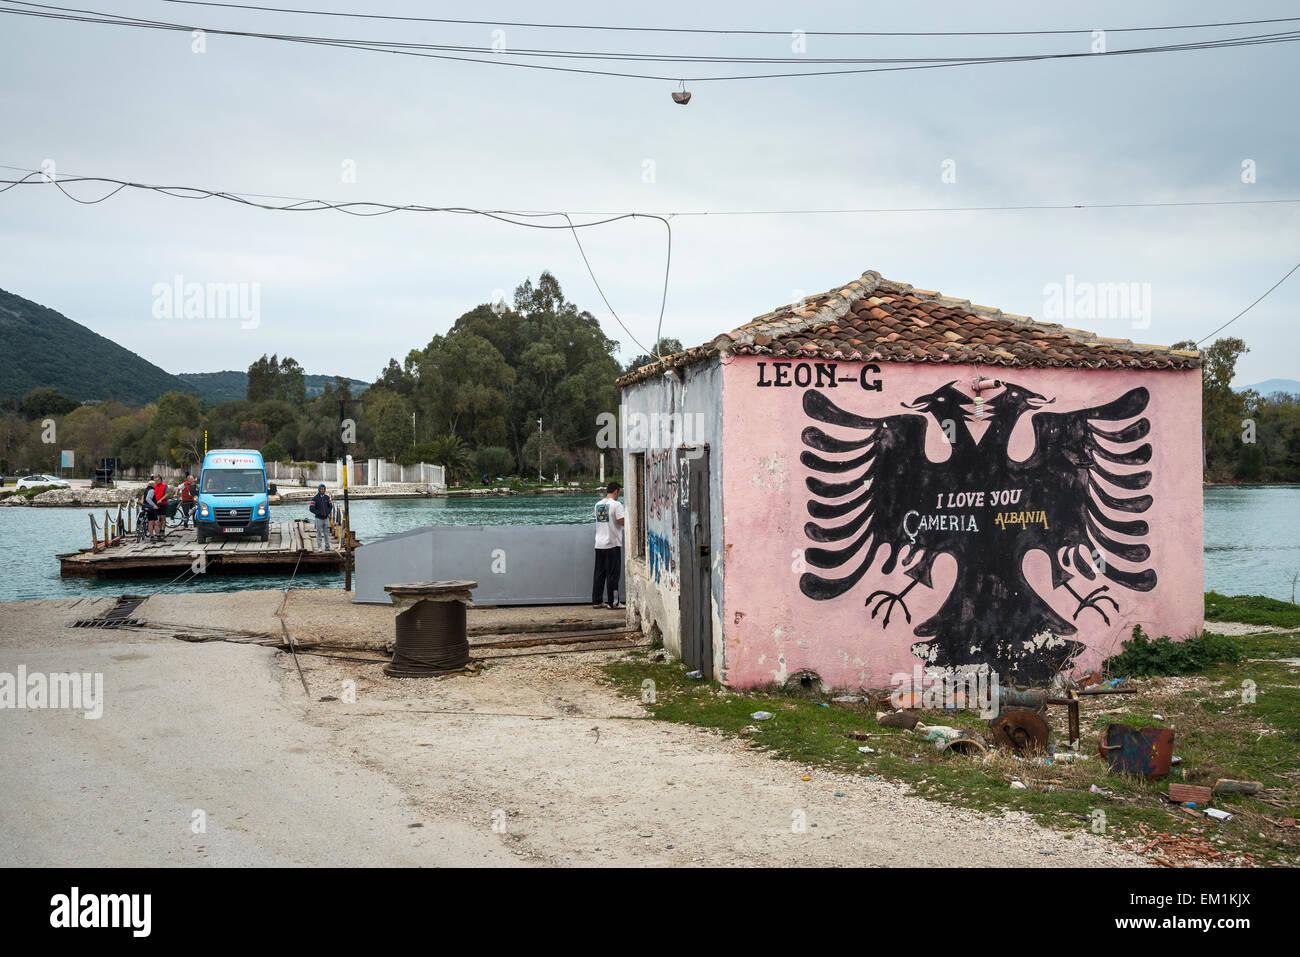 Le bac à câble à travers le canal de Vivari au Parc National de Butrint, avec Graffiti nationaliste Photo Stock